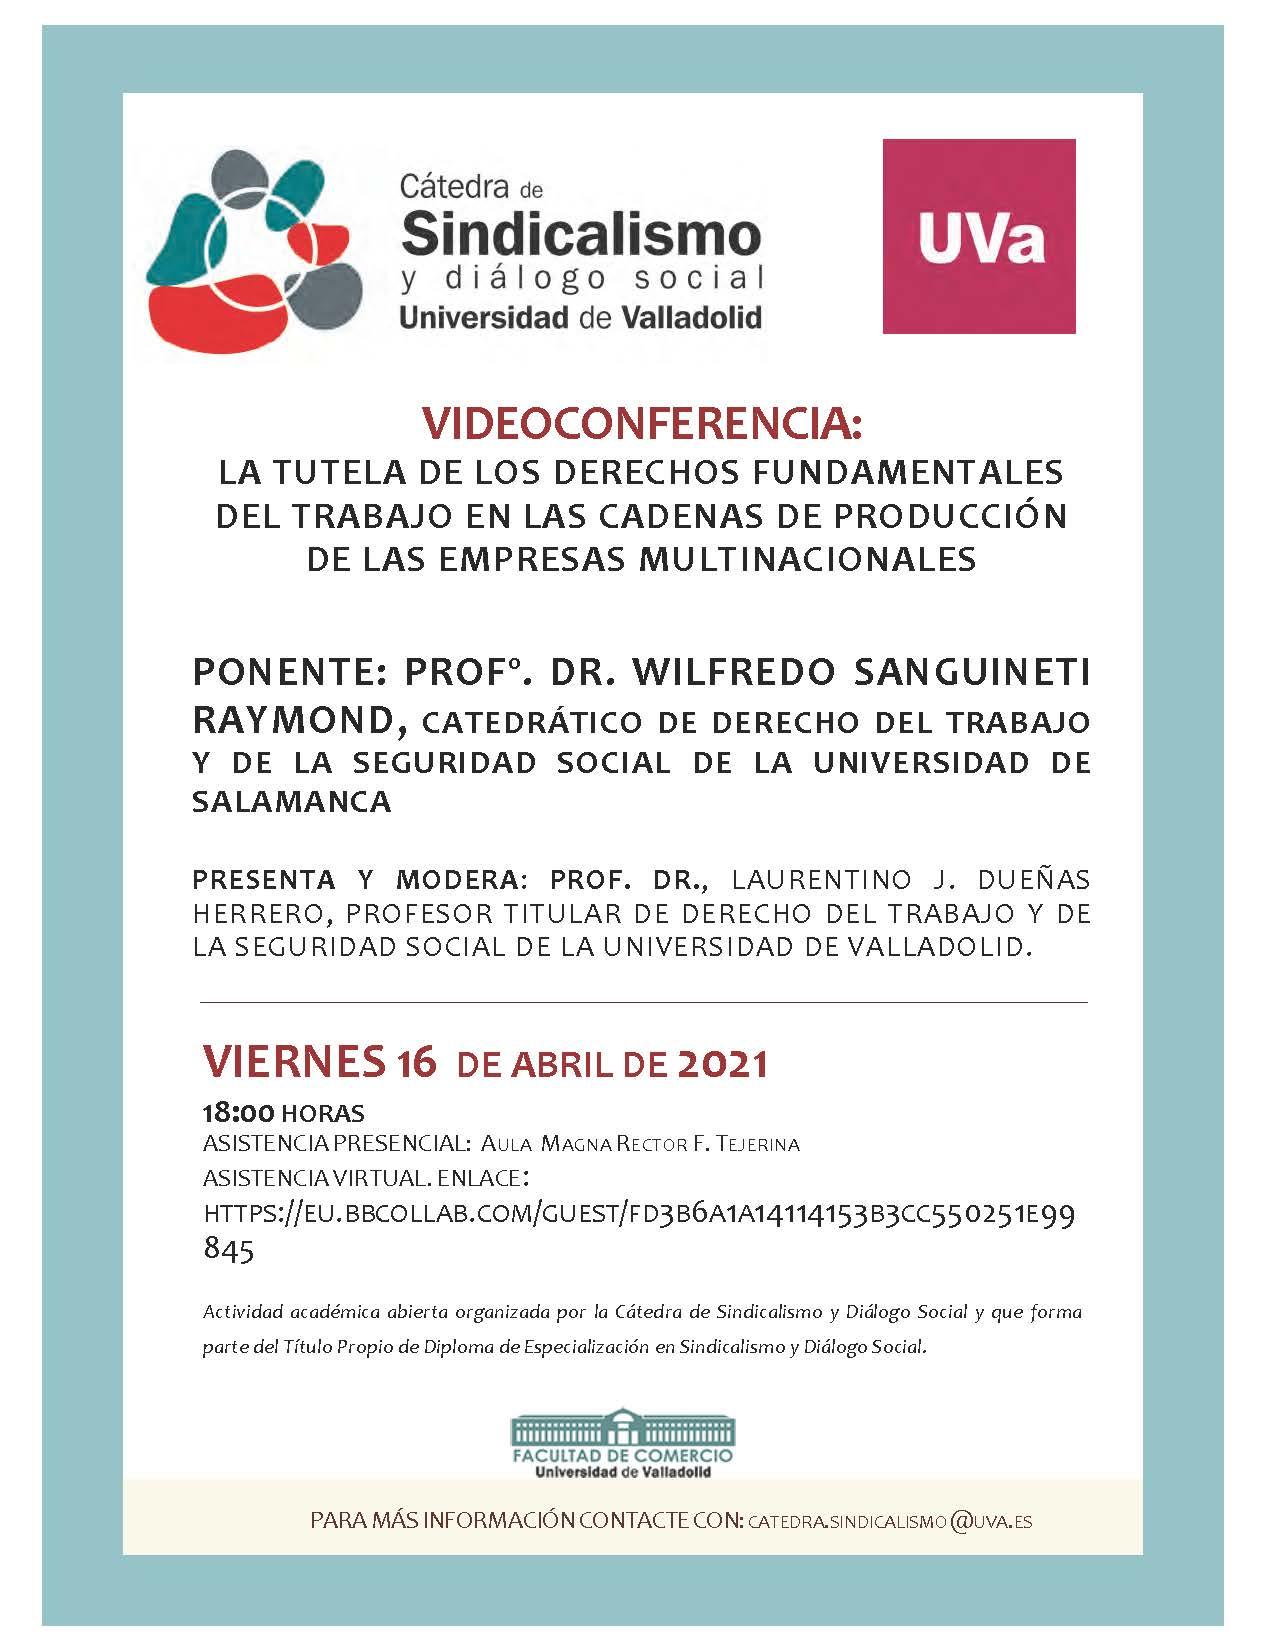 comp VIDEOCONFERENCIA W. SANGUINETI 16 DE ABRIL 2021